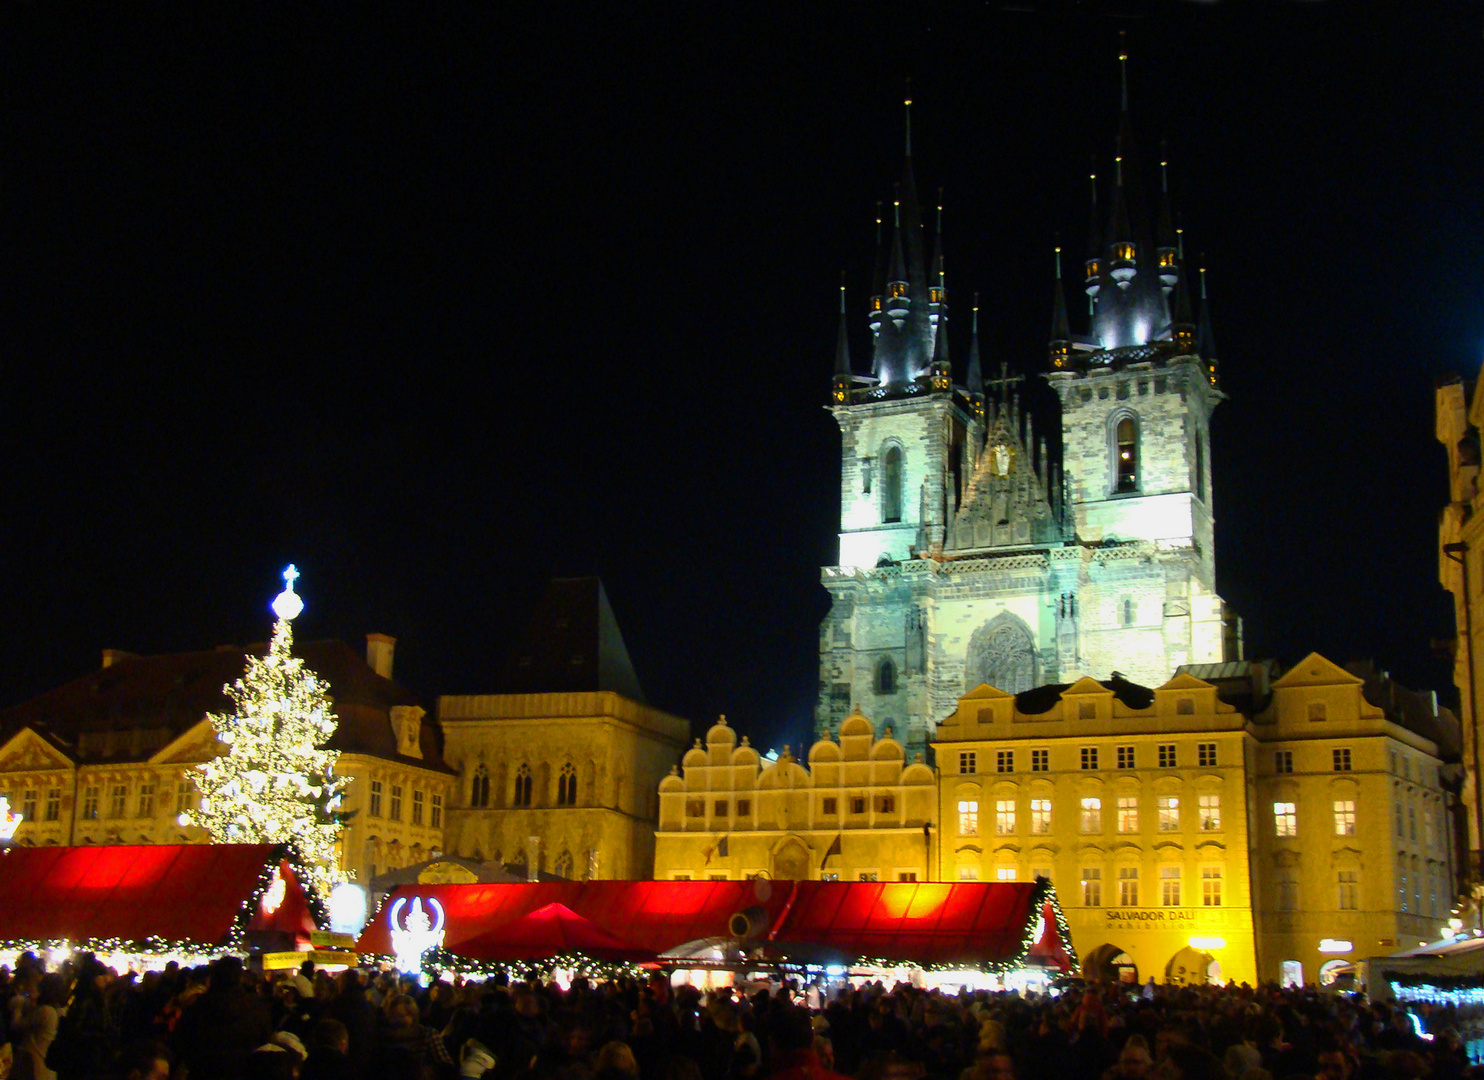 weihnachten in prag foto bild europe czech republic. Black Bedroom Furniture Sets. Home Design Ideas